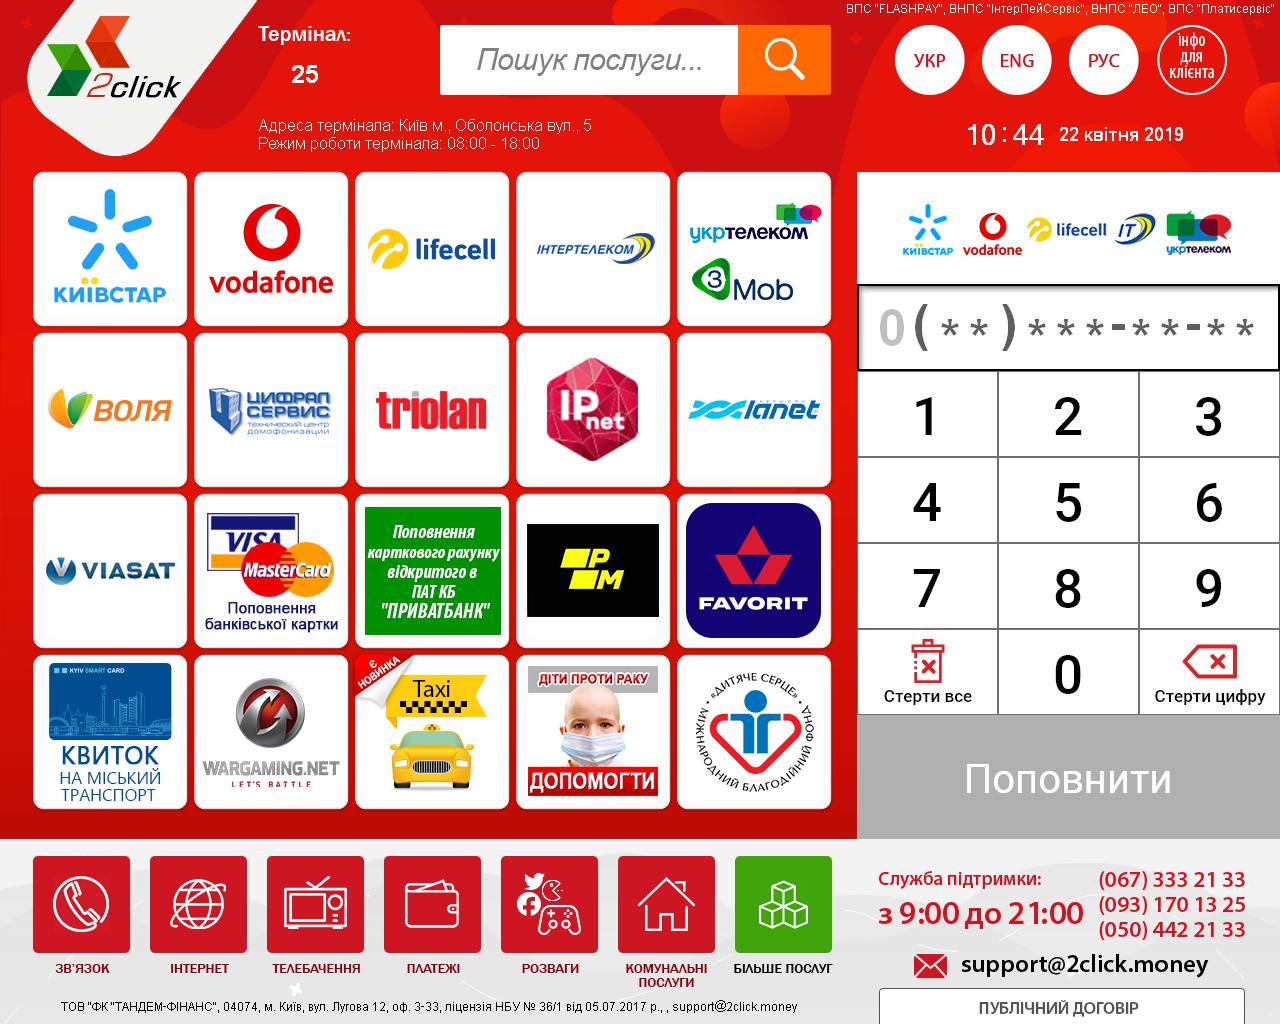 Hvordan spille verdenslotterier fra Russland - de beste utenlandske lotteriene online - lotteryimira.rf